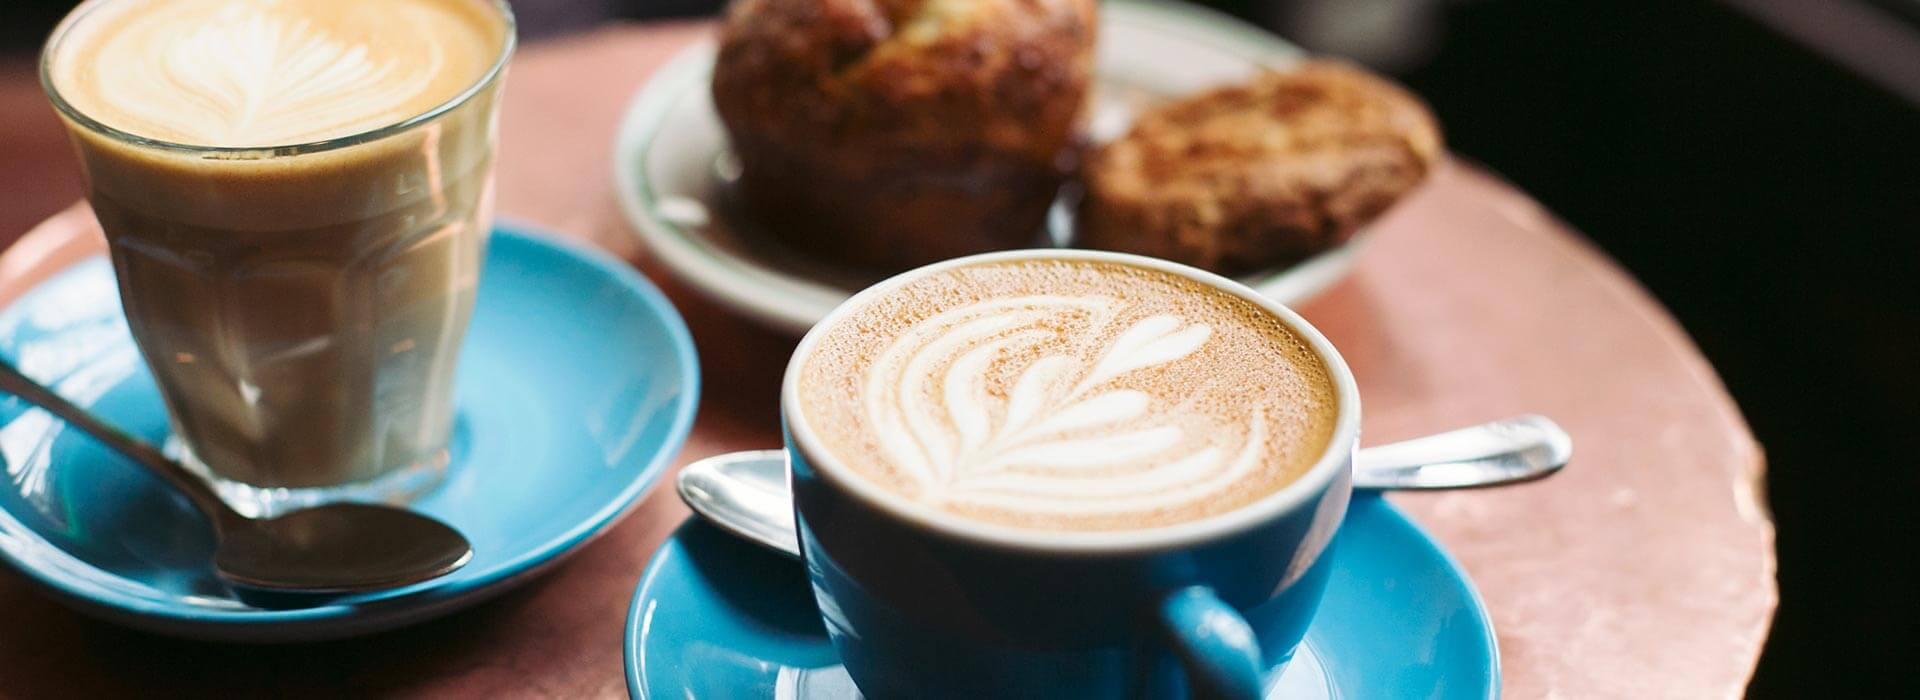 نوشیدن قهوه در شهرهای مختلف در سفر کاری